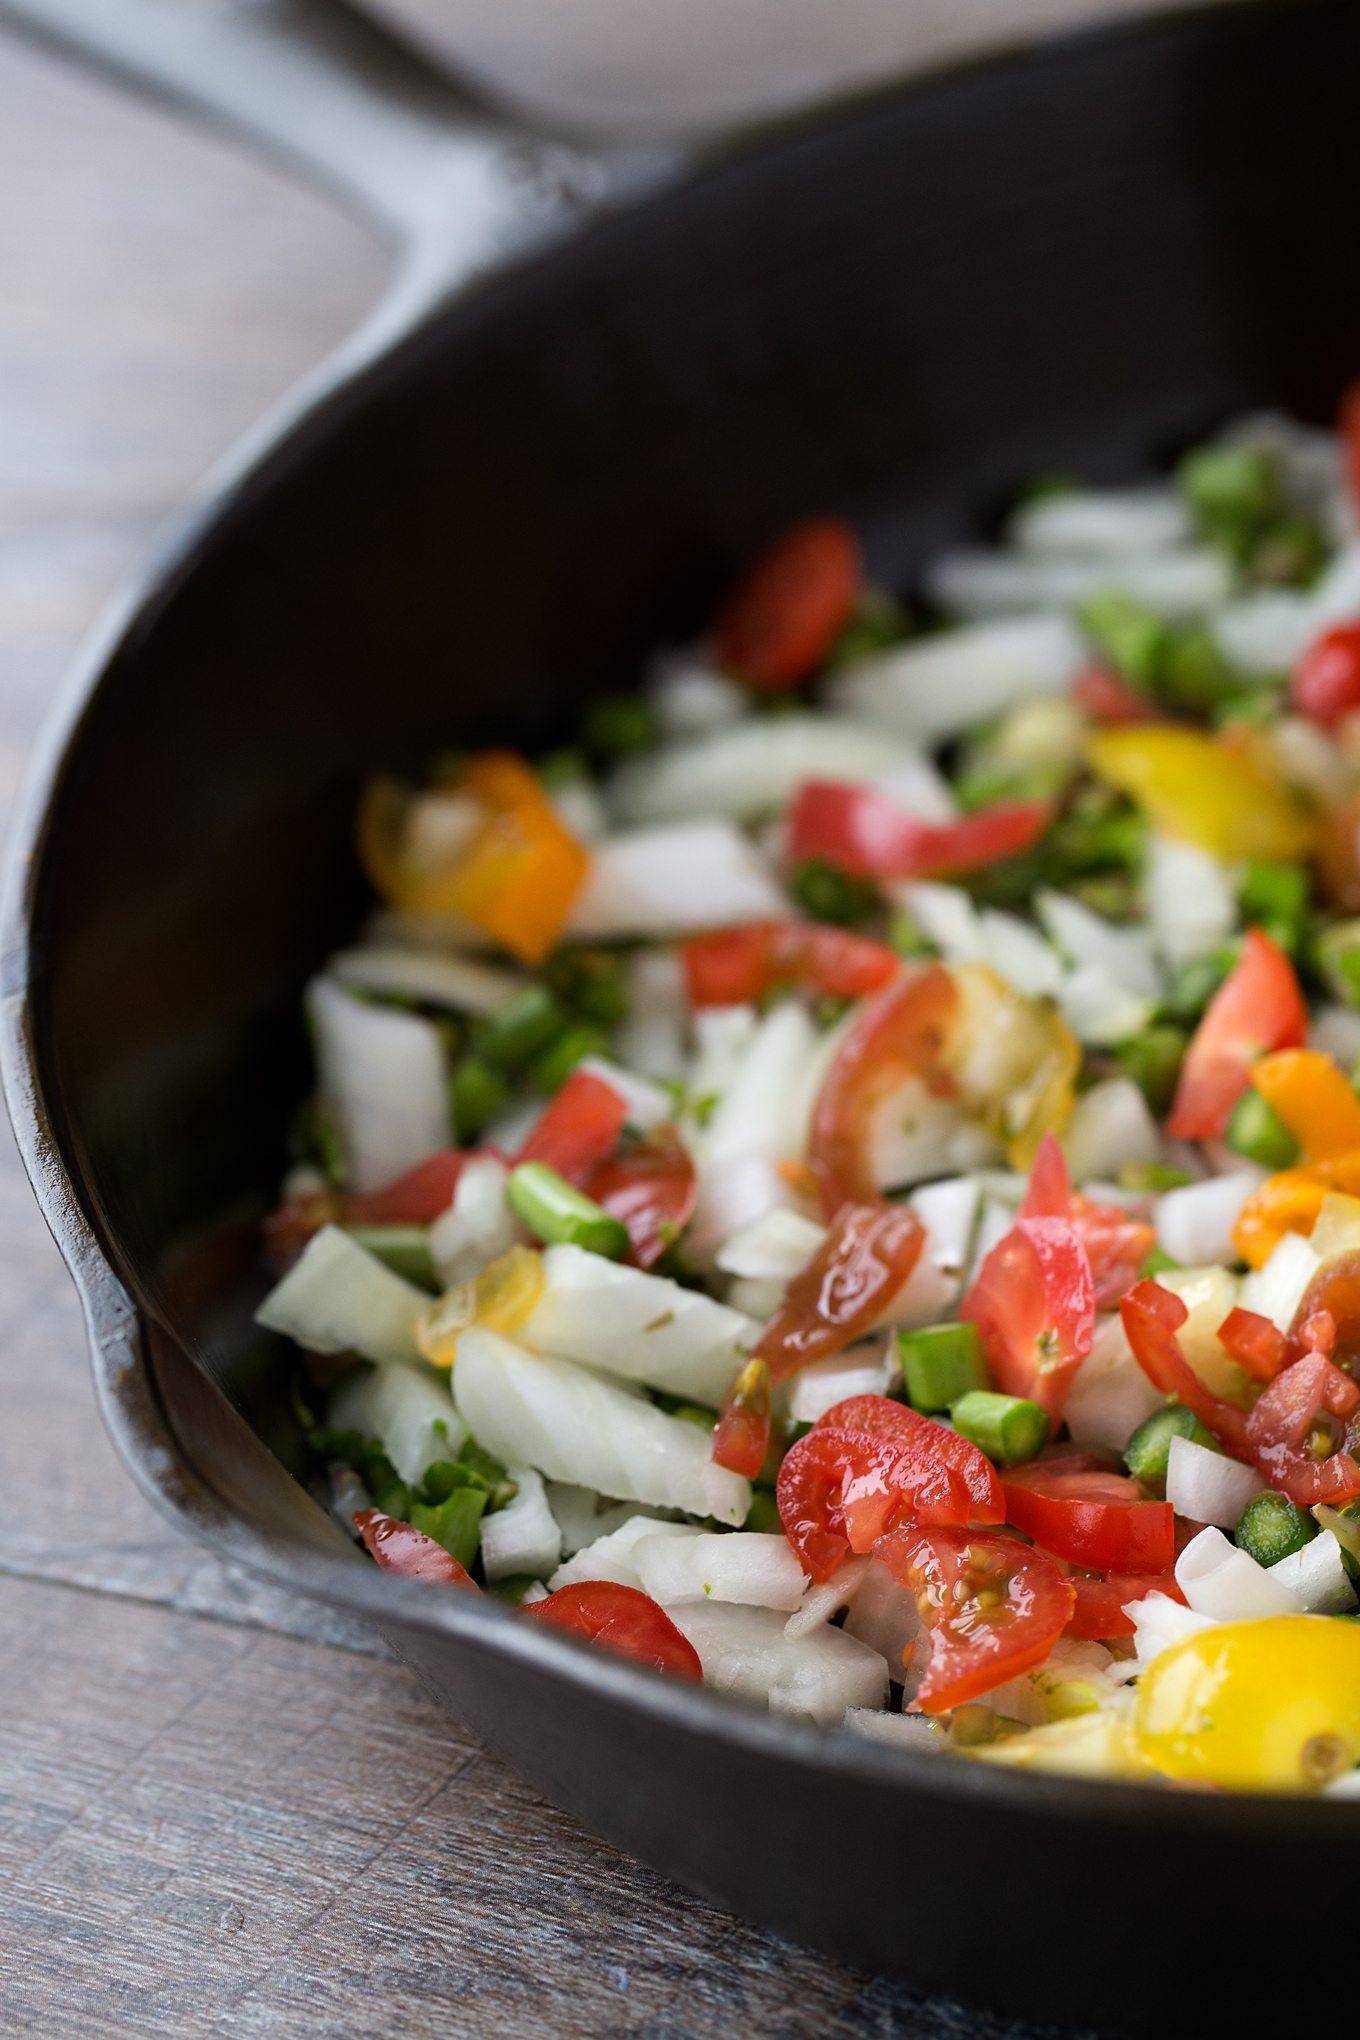 Fresh Vegetables in Cast Iron Pan for Egg Bake Recipe